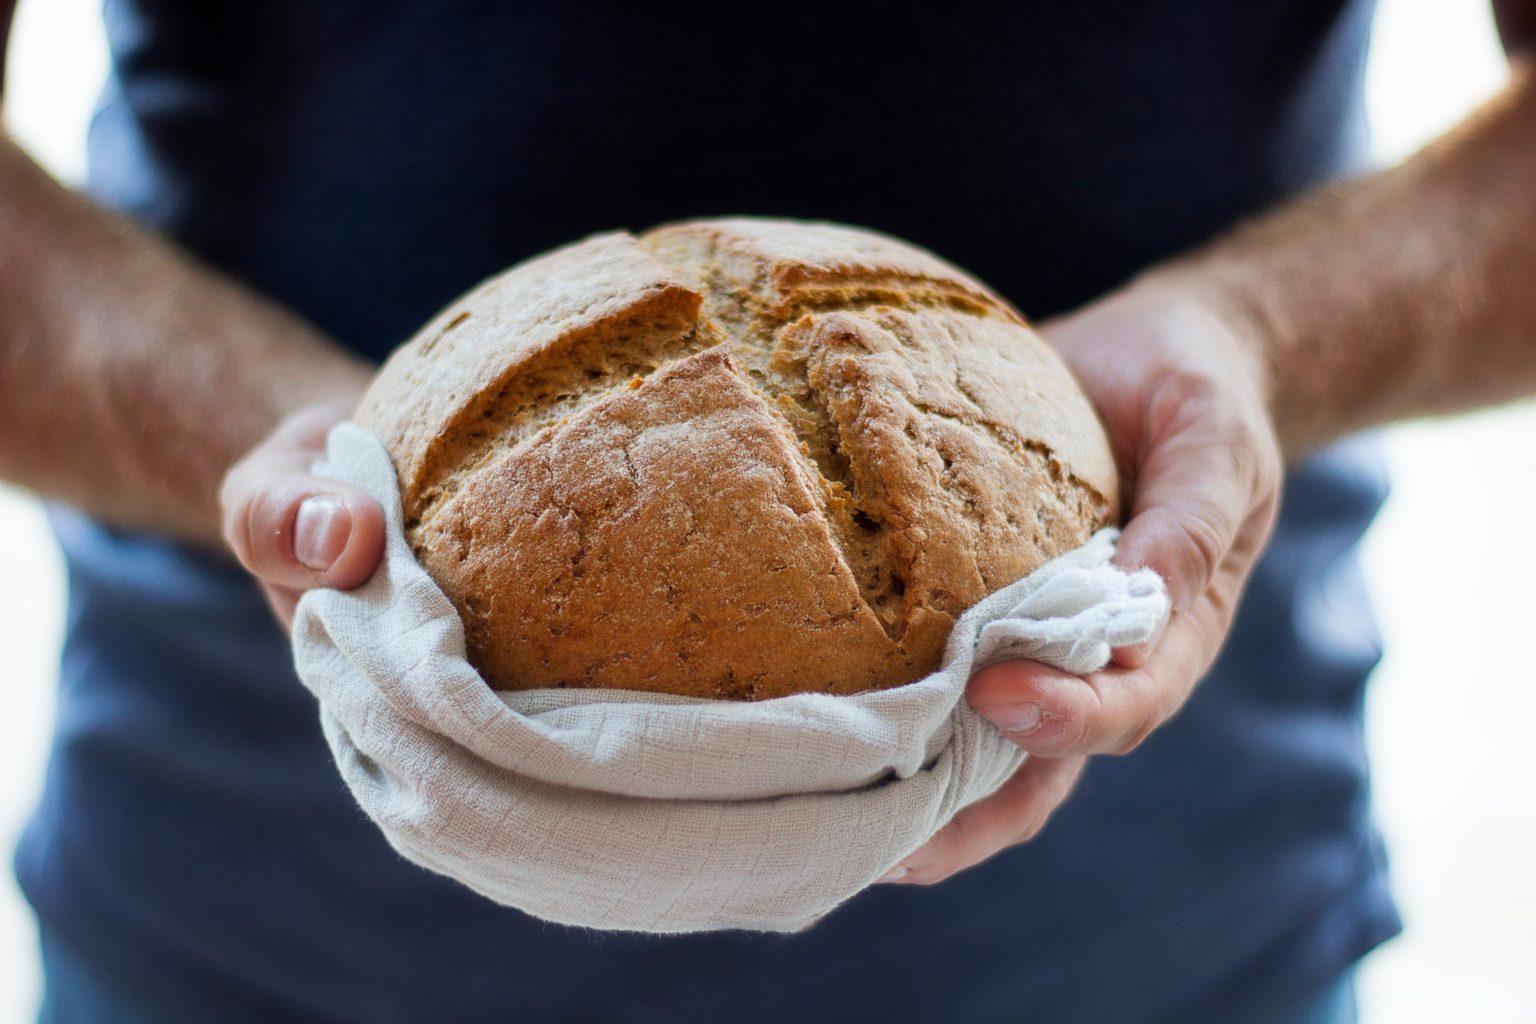 Хлеб со сливочным маслом предполагает финансовые отношения, с подсолнечным — рабочие отношения.